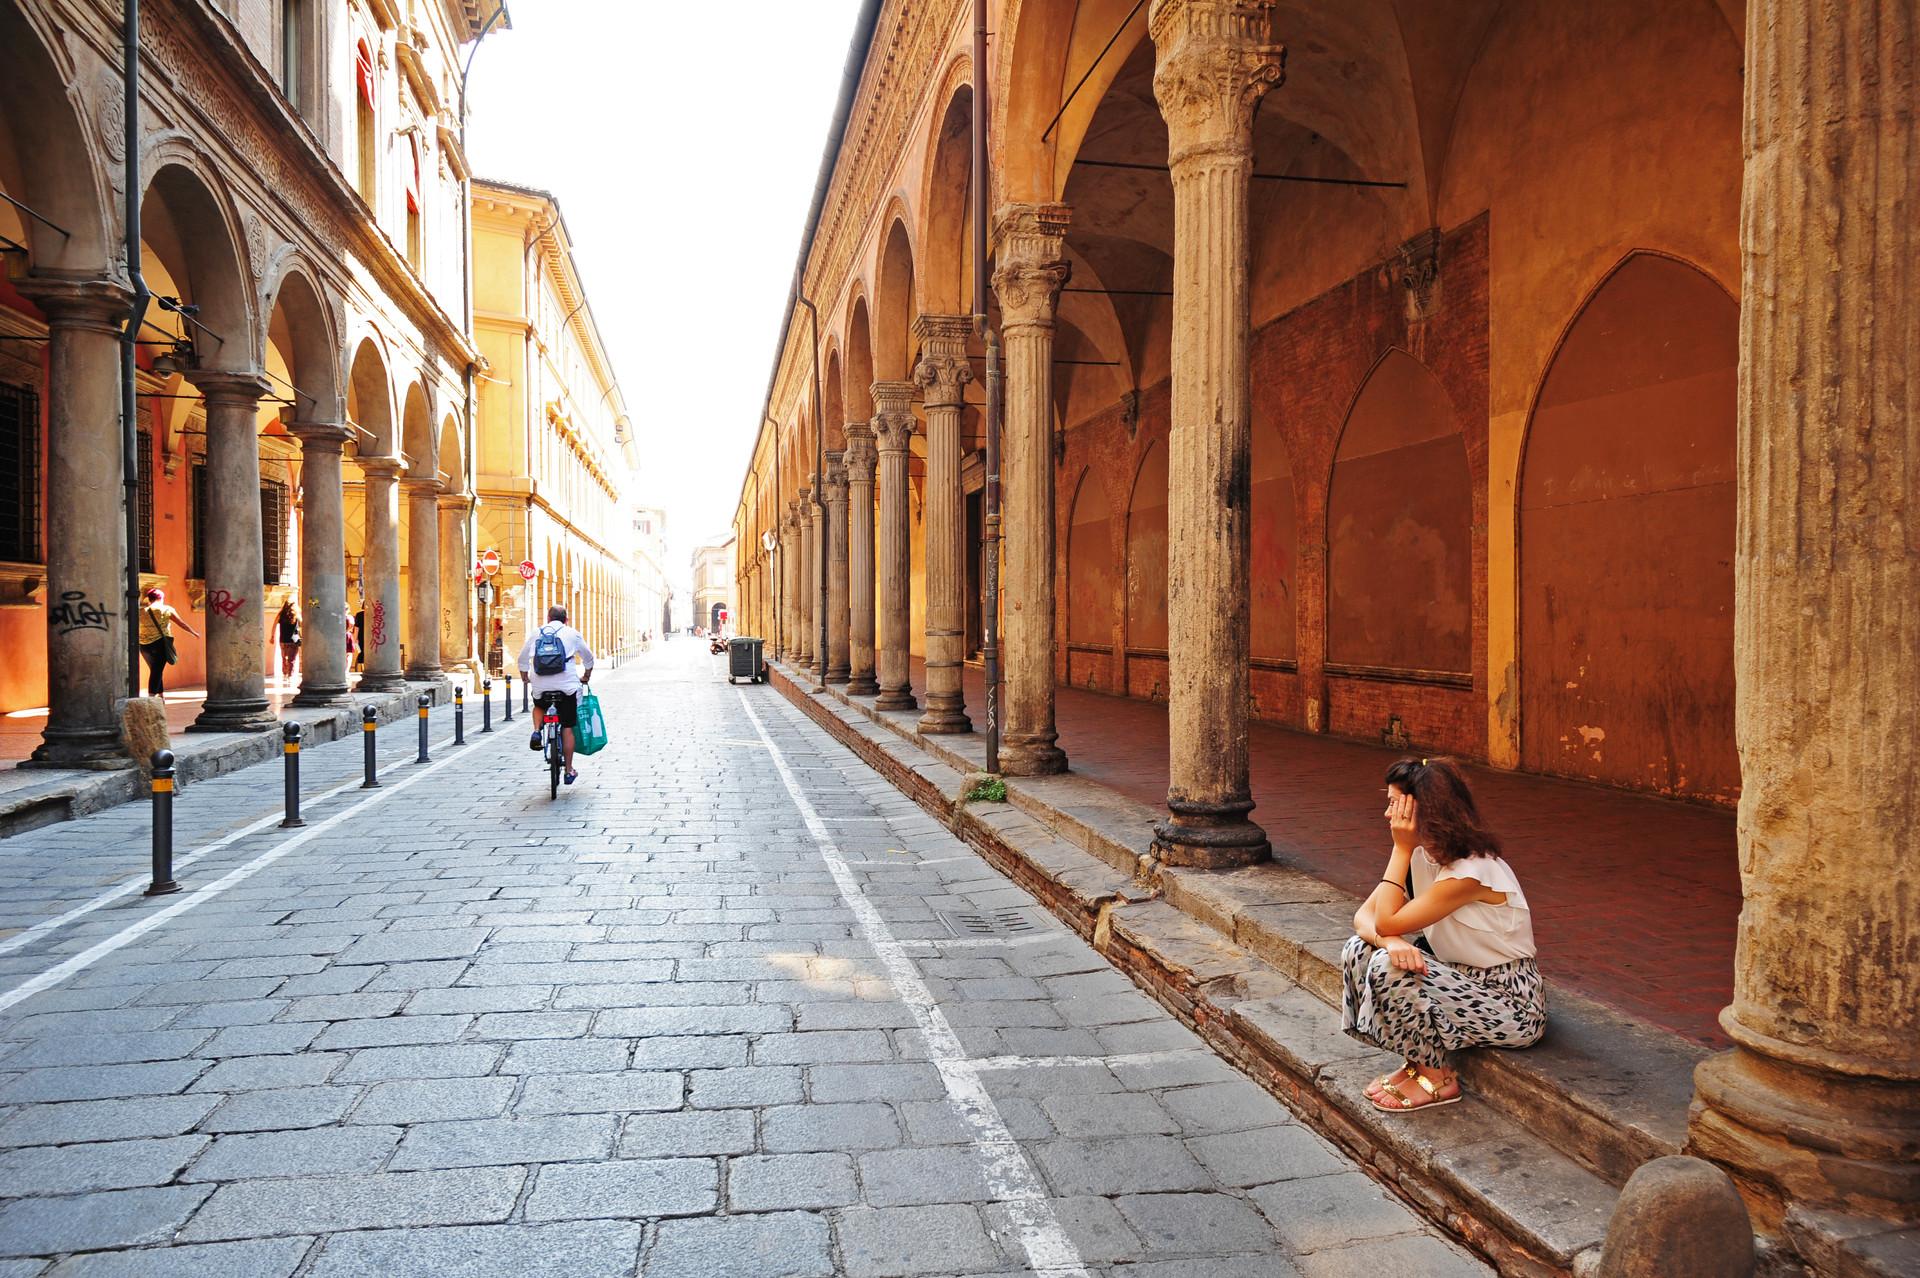 AAA_Bologna_generalshot027_6352.jpg